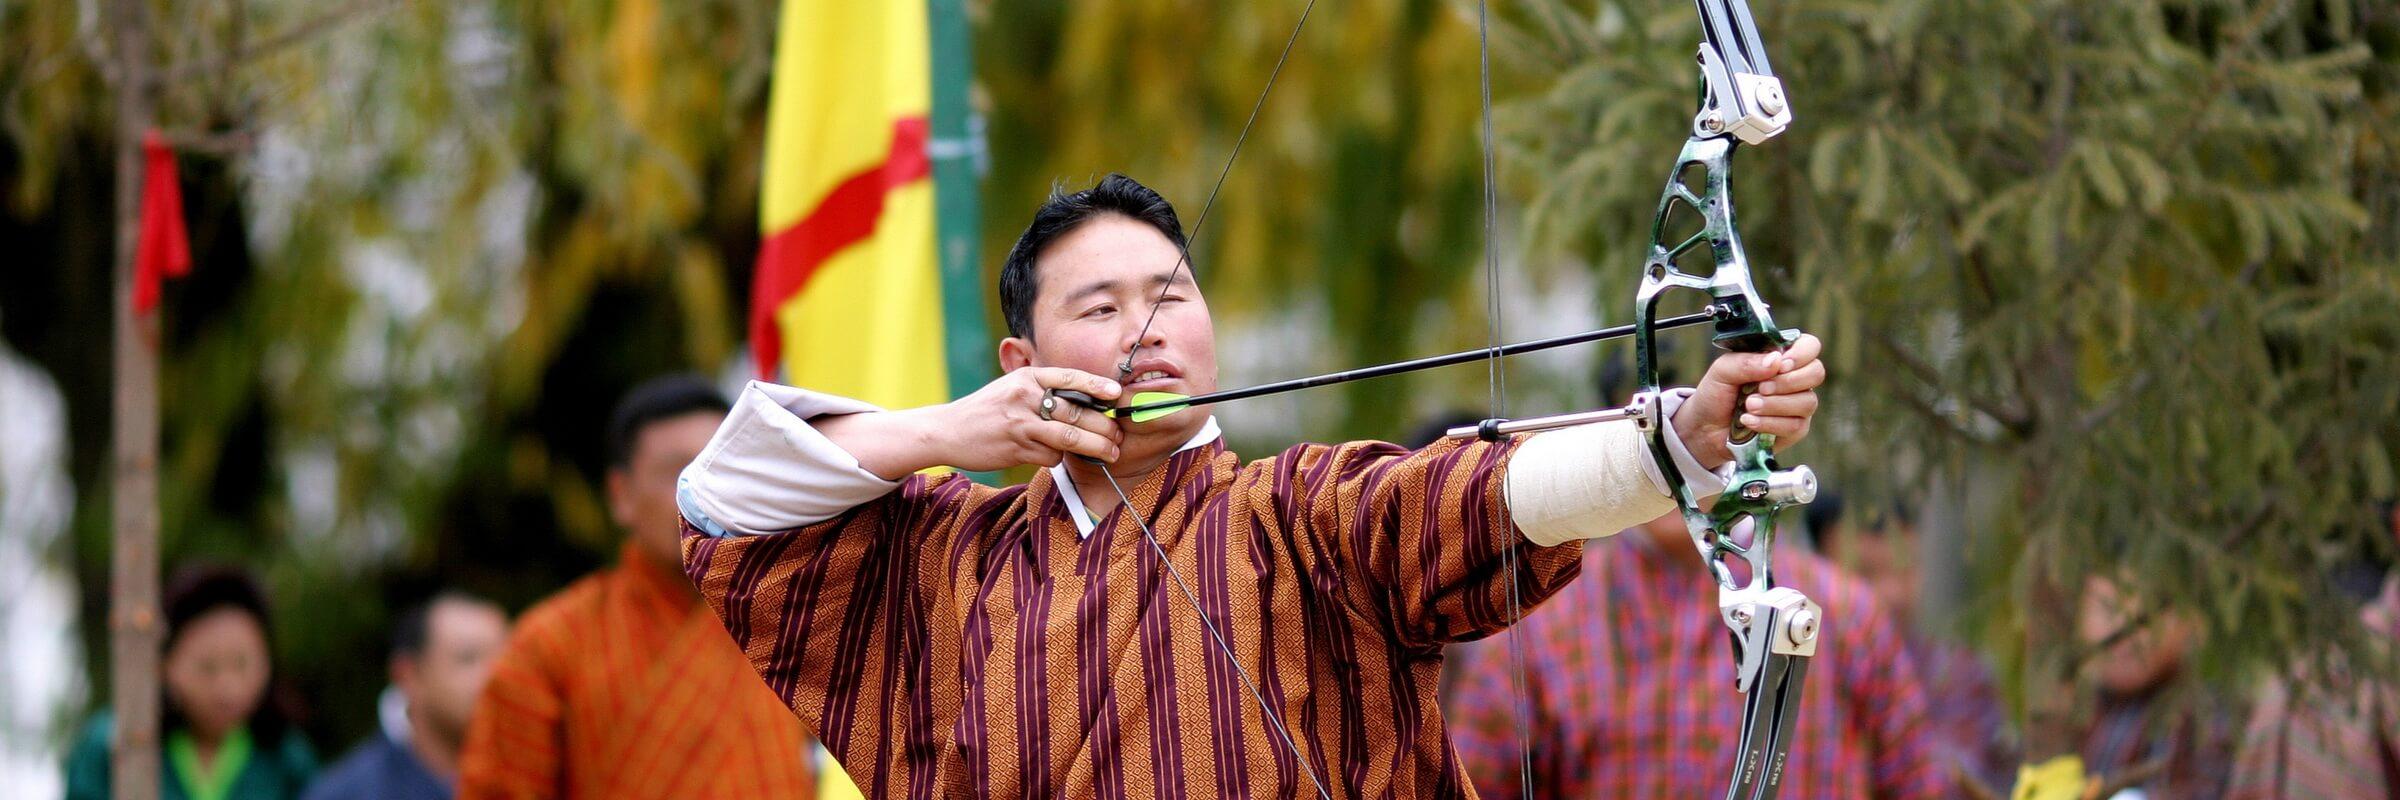 Bogenschießen ist der Nationalsport im Königreich Bhutan – Wettbewerbe zwischen benachbarten Dörfern finden häufig statt.